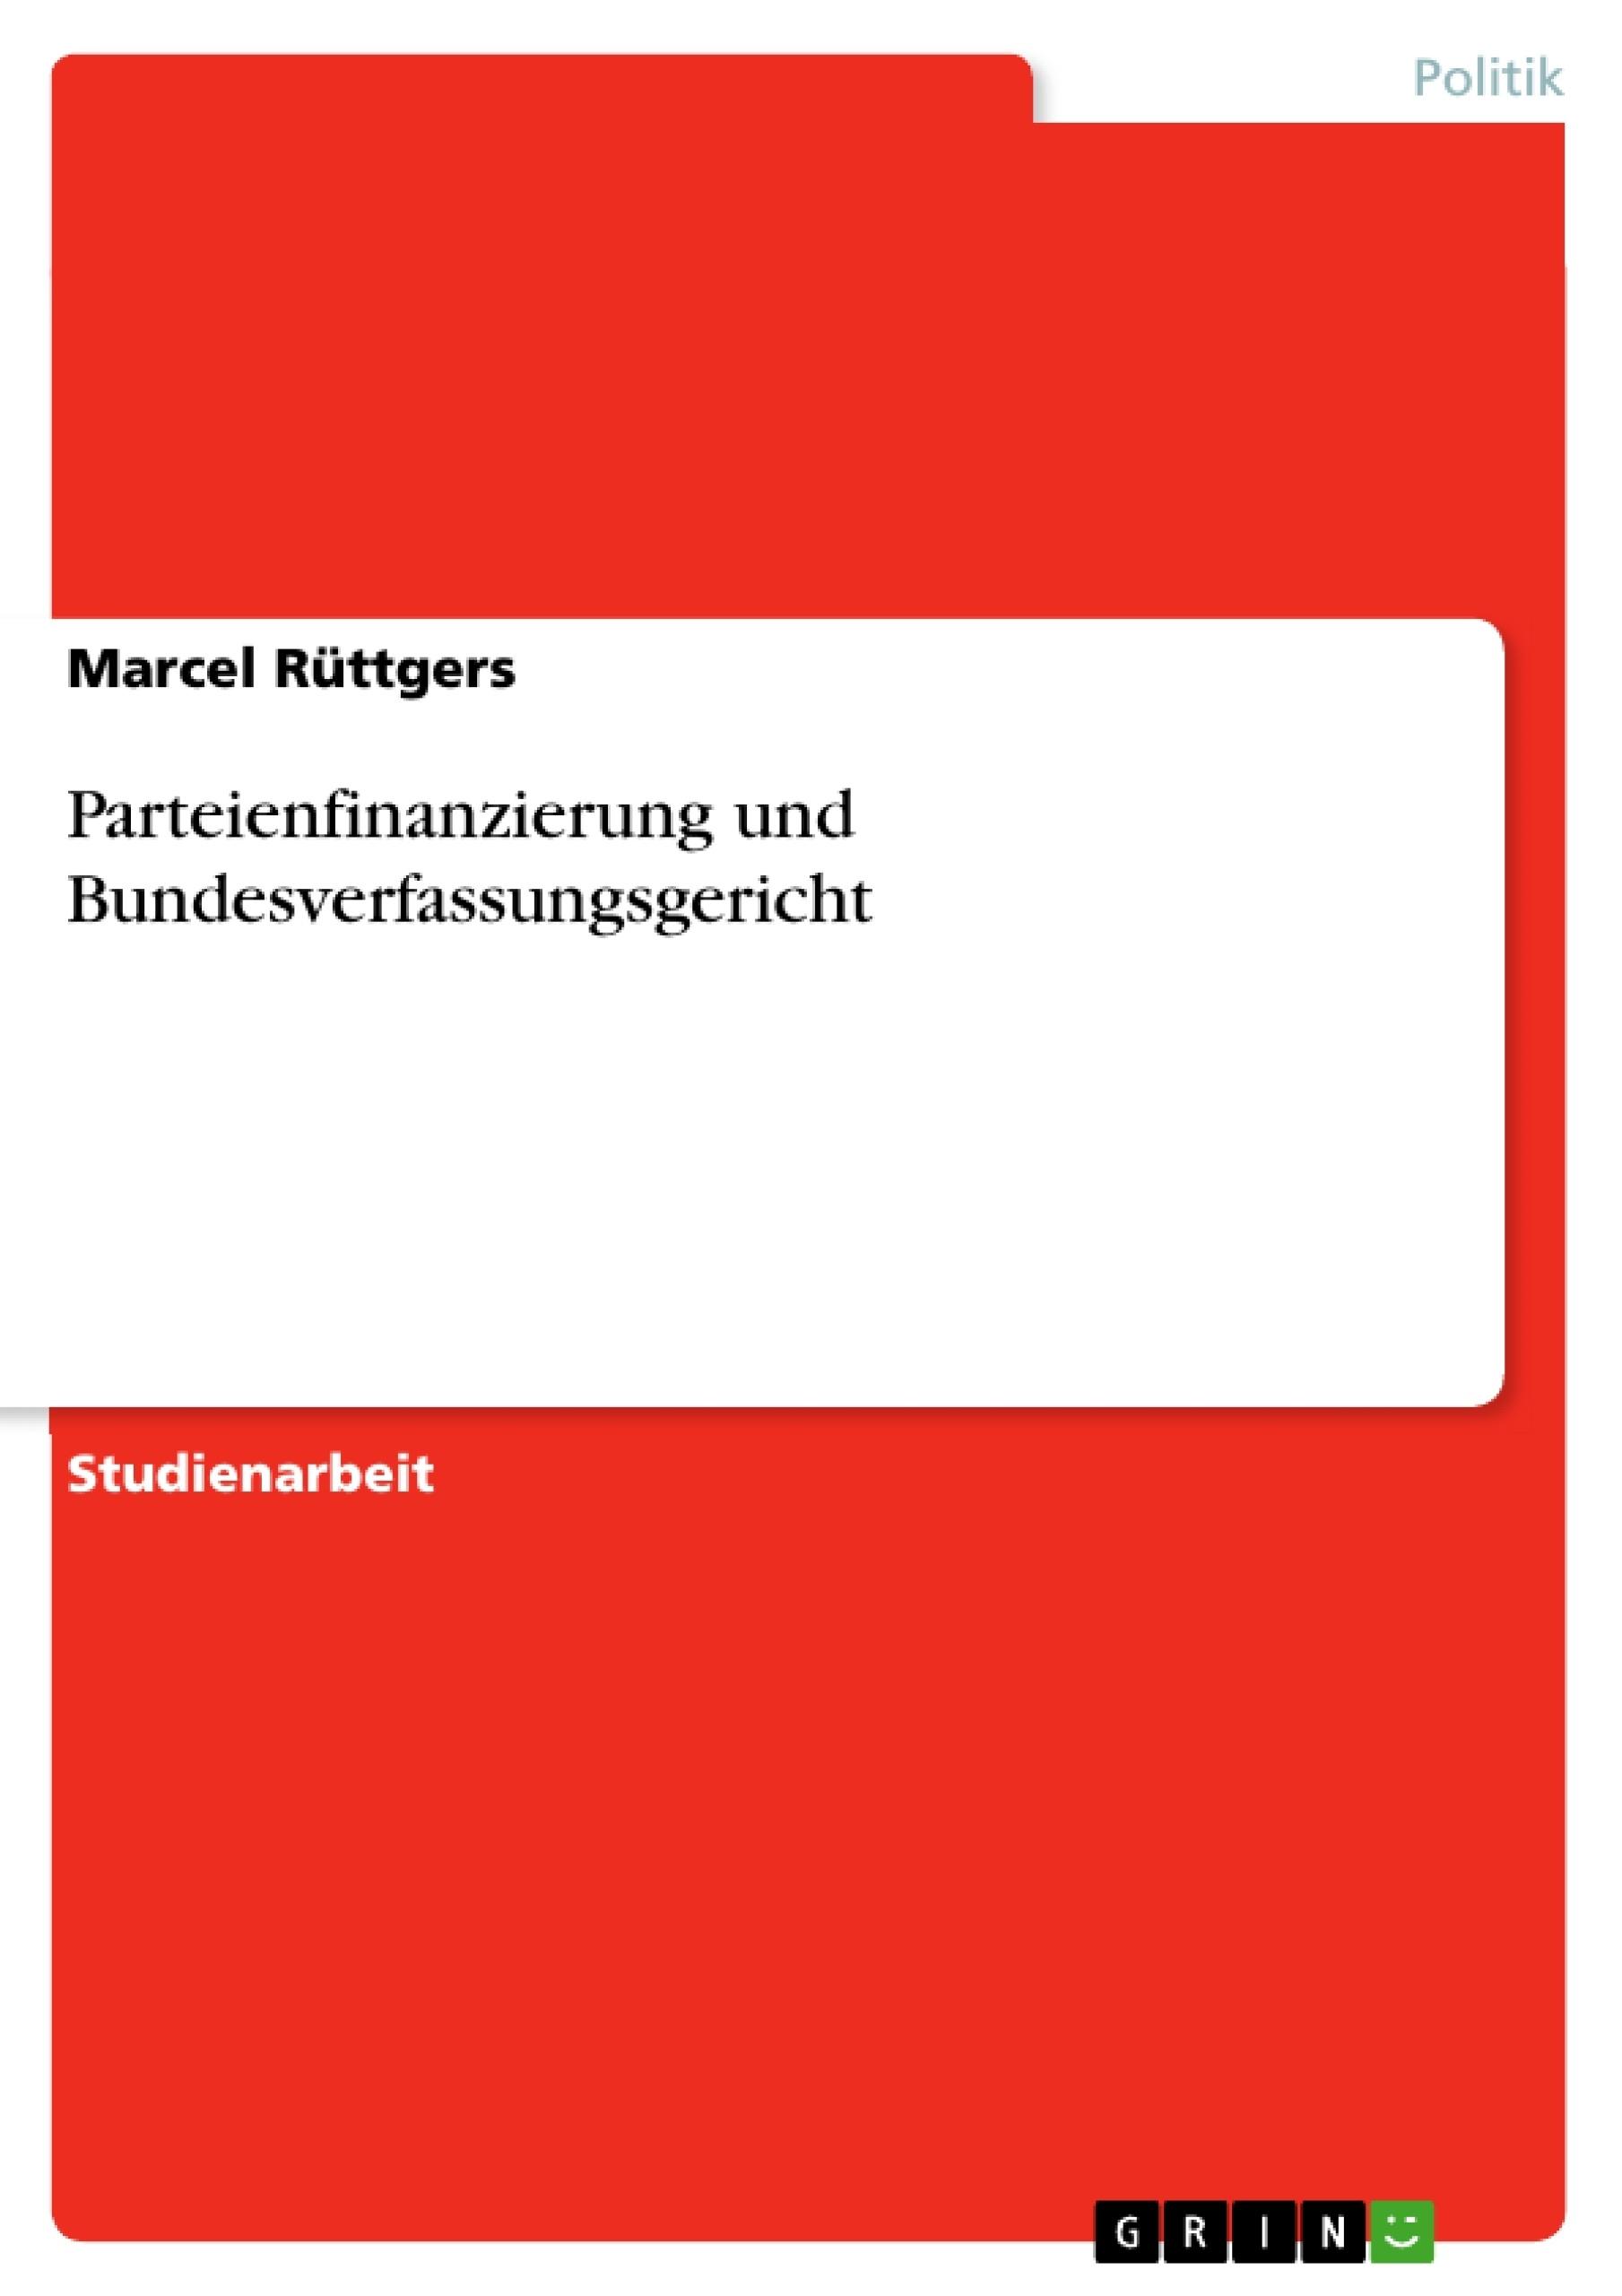 Titel: Parteienfinanzierung und Bundesverfassungsgericht